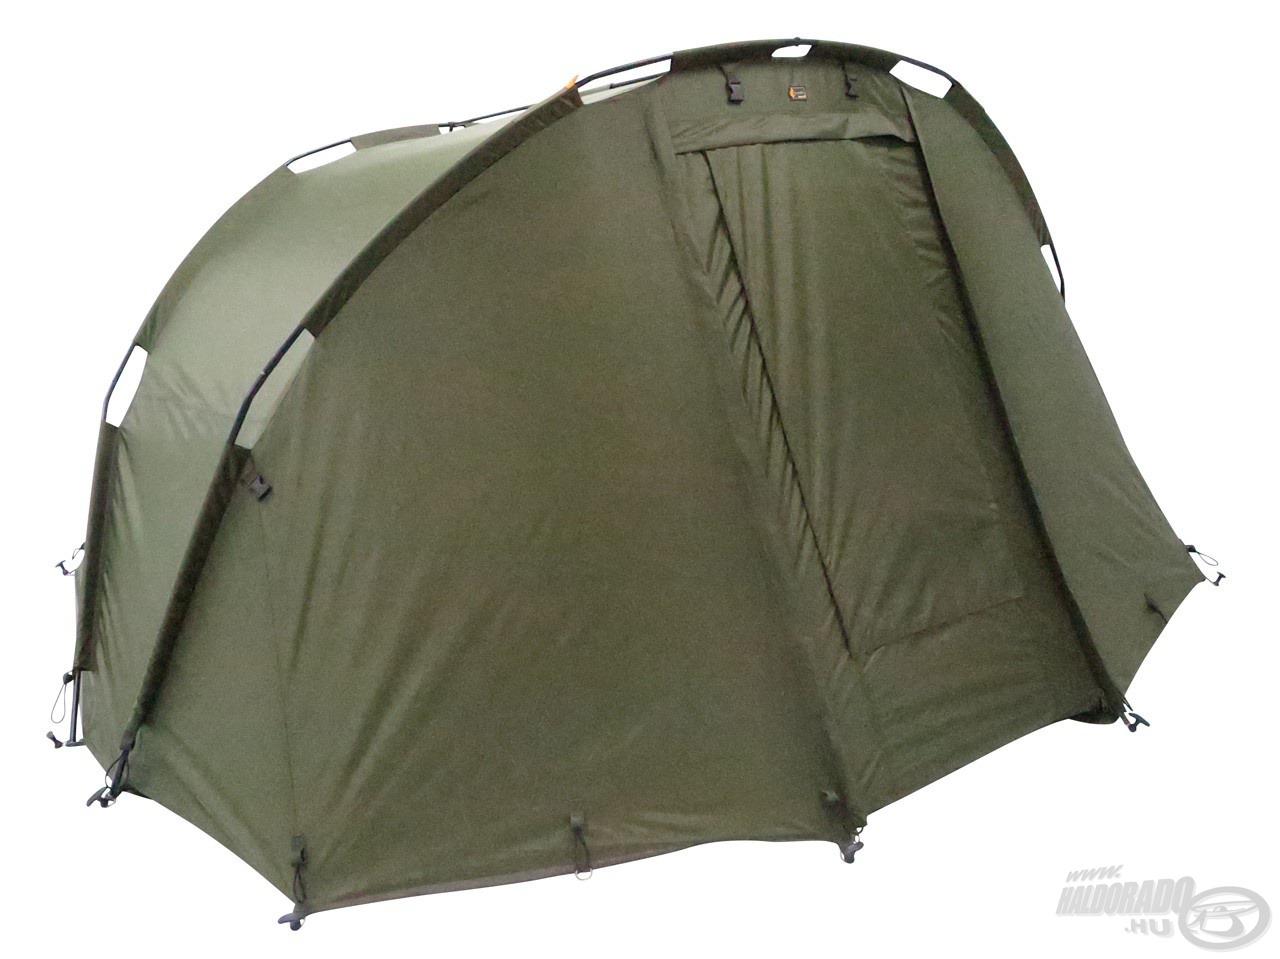 Ehhez a 2 személyes sátorhoz minden lényeges extrát mellékelt a gyártó: külső borítást, aljponyvát, sátorcöveket és hordtáskát is